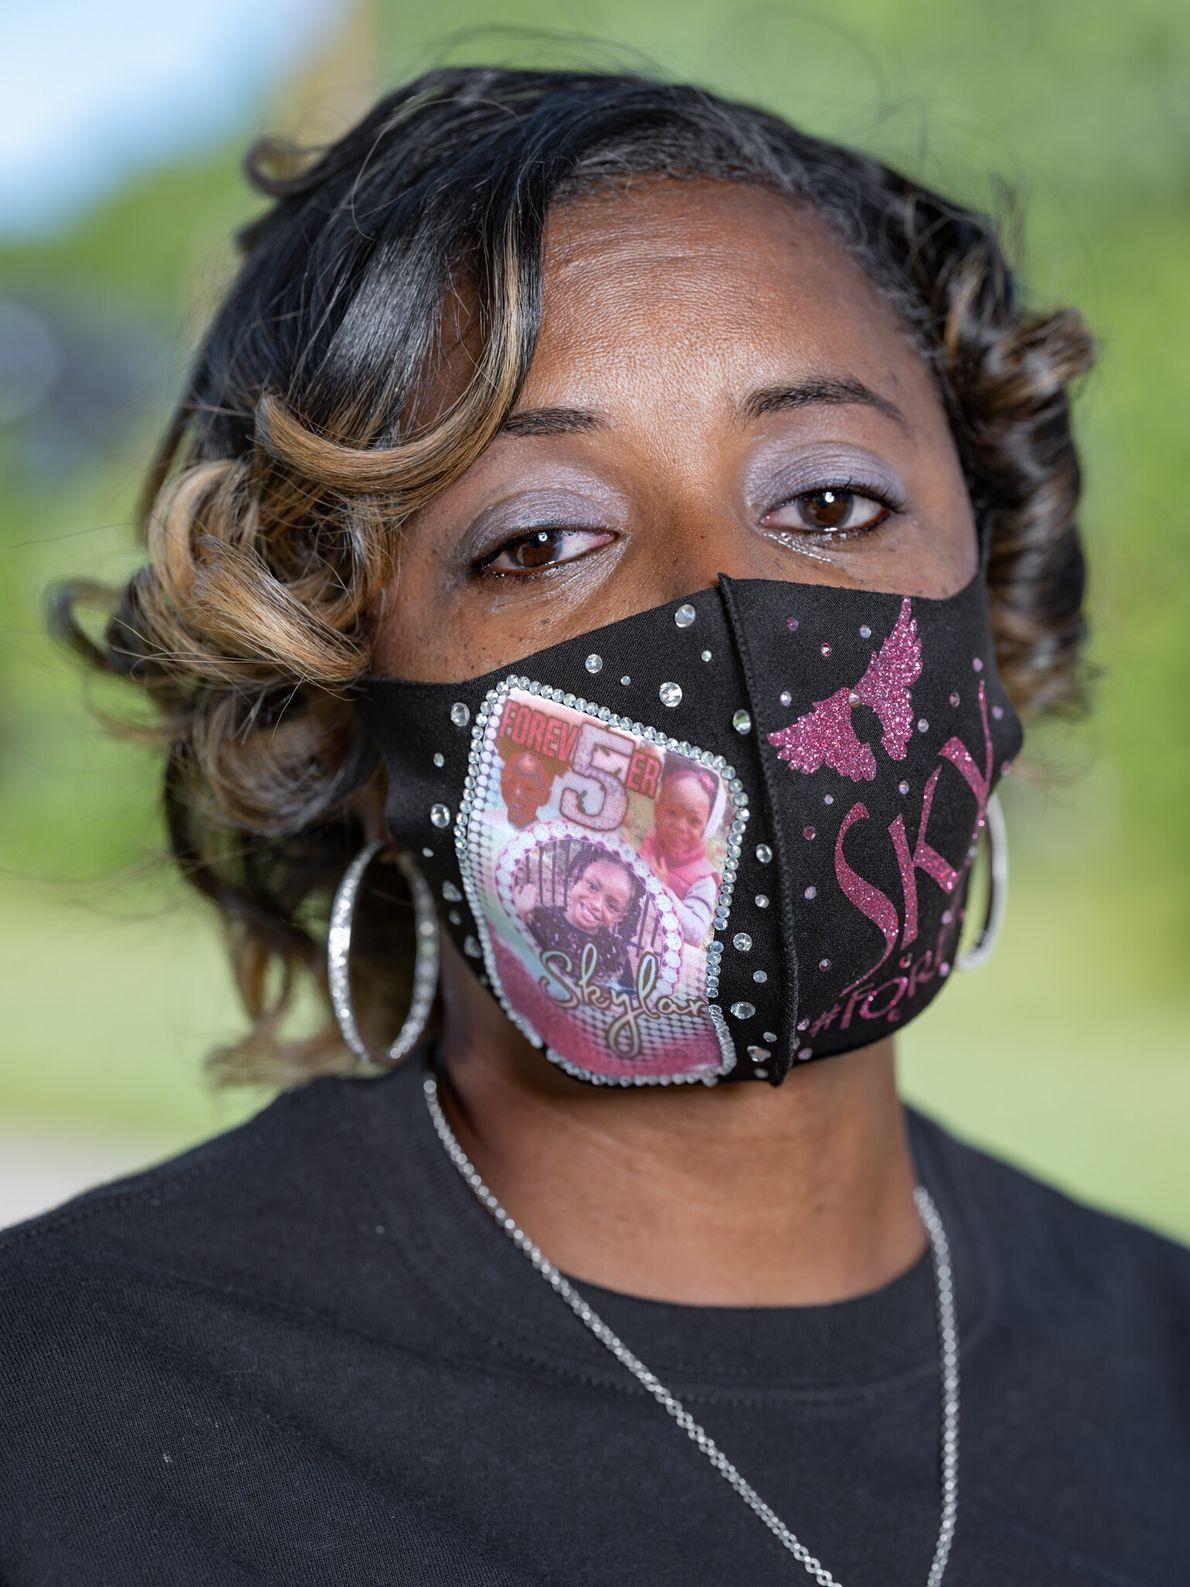 LaVondria Herbert, policial de Detroit, usa uma máscara em homenagem a sua filha de 5 anos, ...